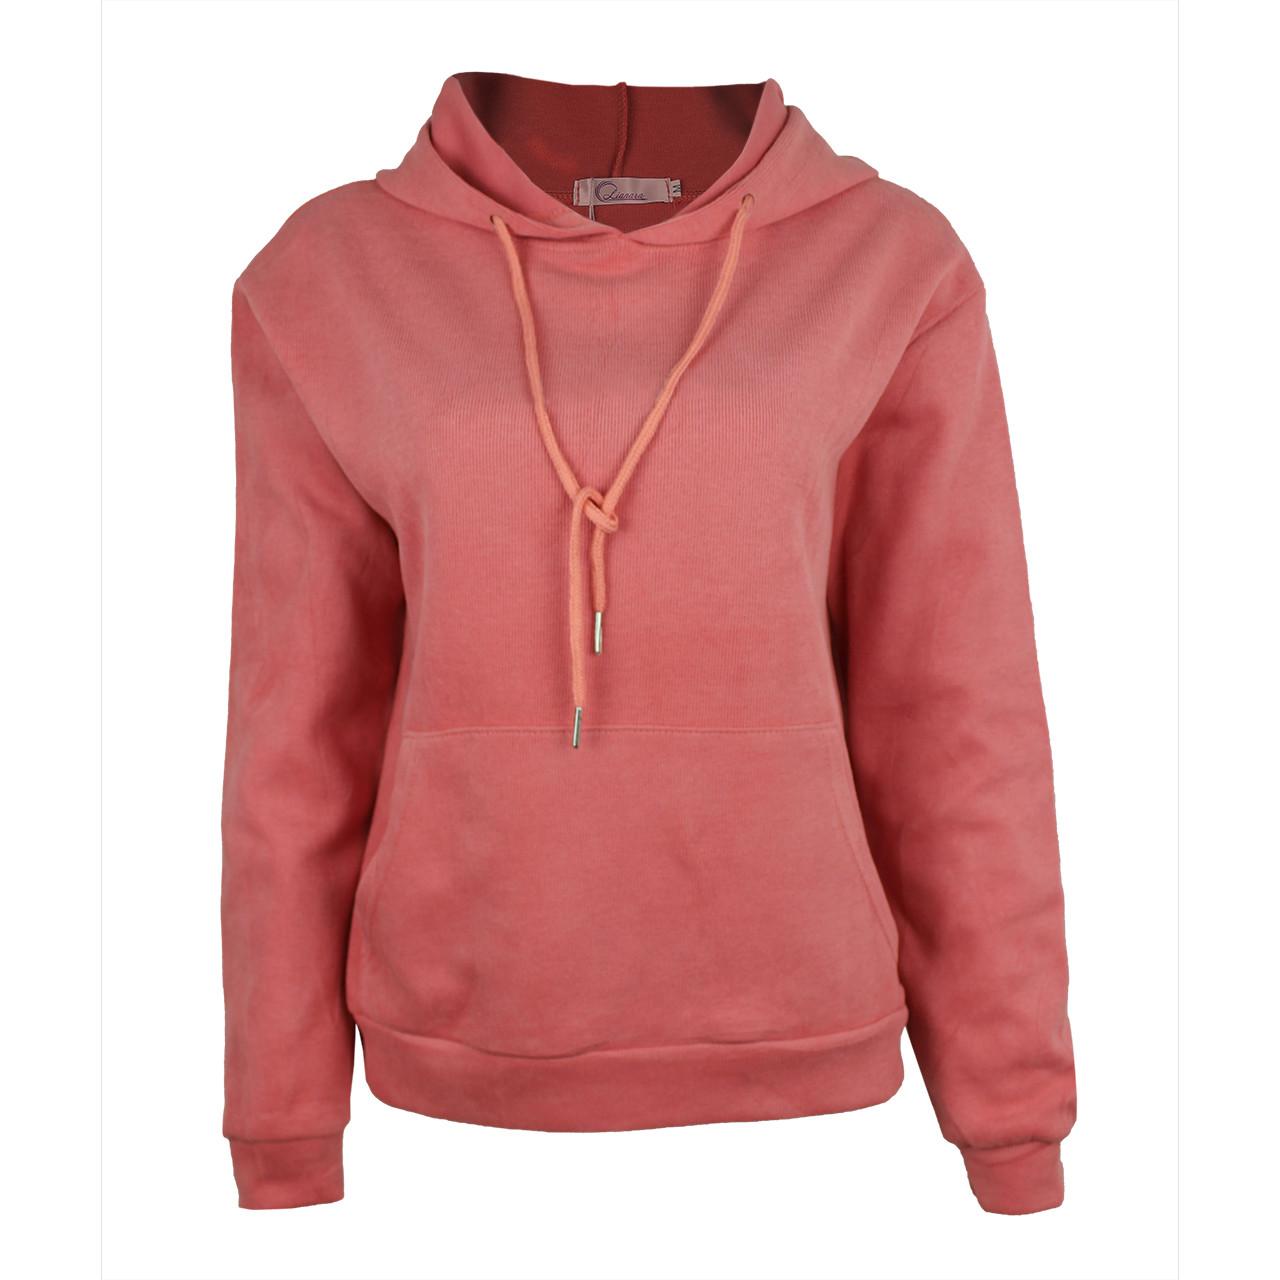 Худи однотонные с карманом для девушек хб хорошего качества худи с капюшоном розовые